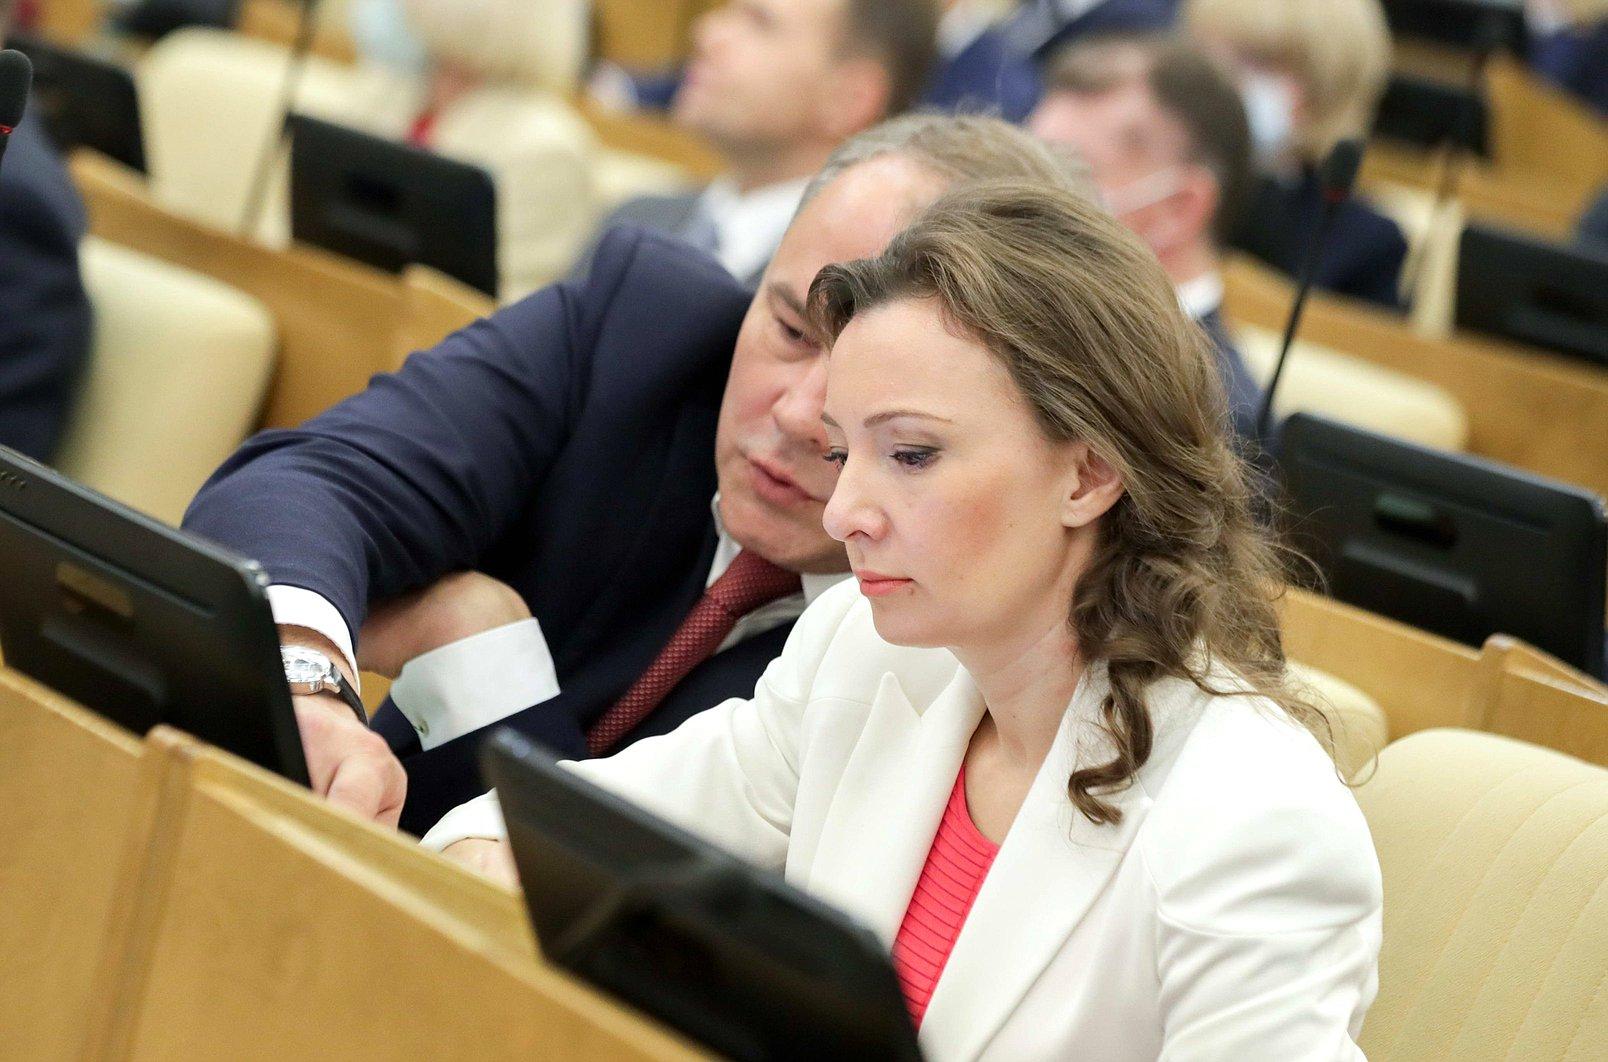 Первое пленарное заседание Госдумы VIII созыва. Фото: duma.gov.ru